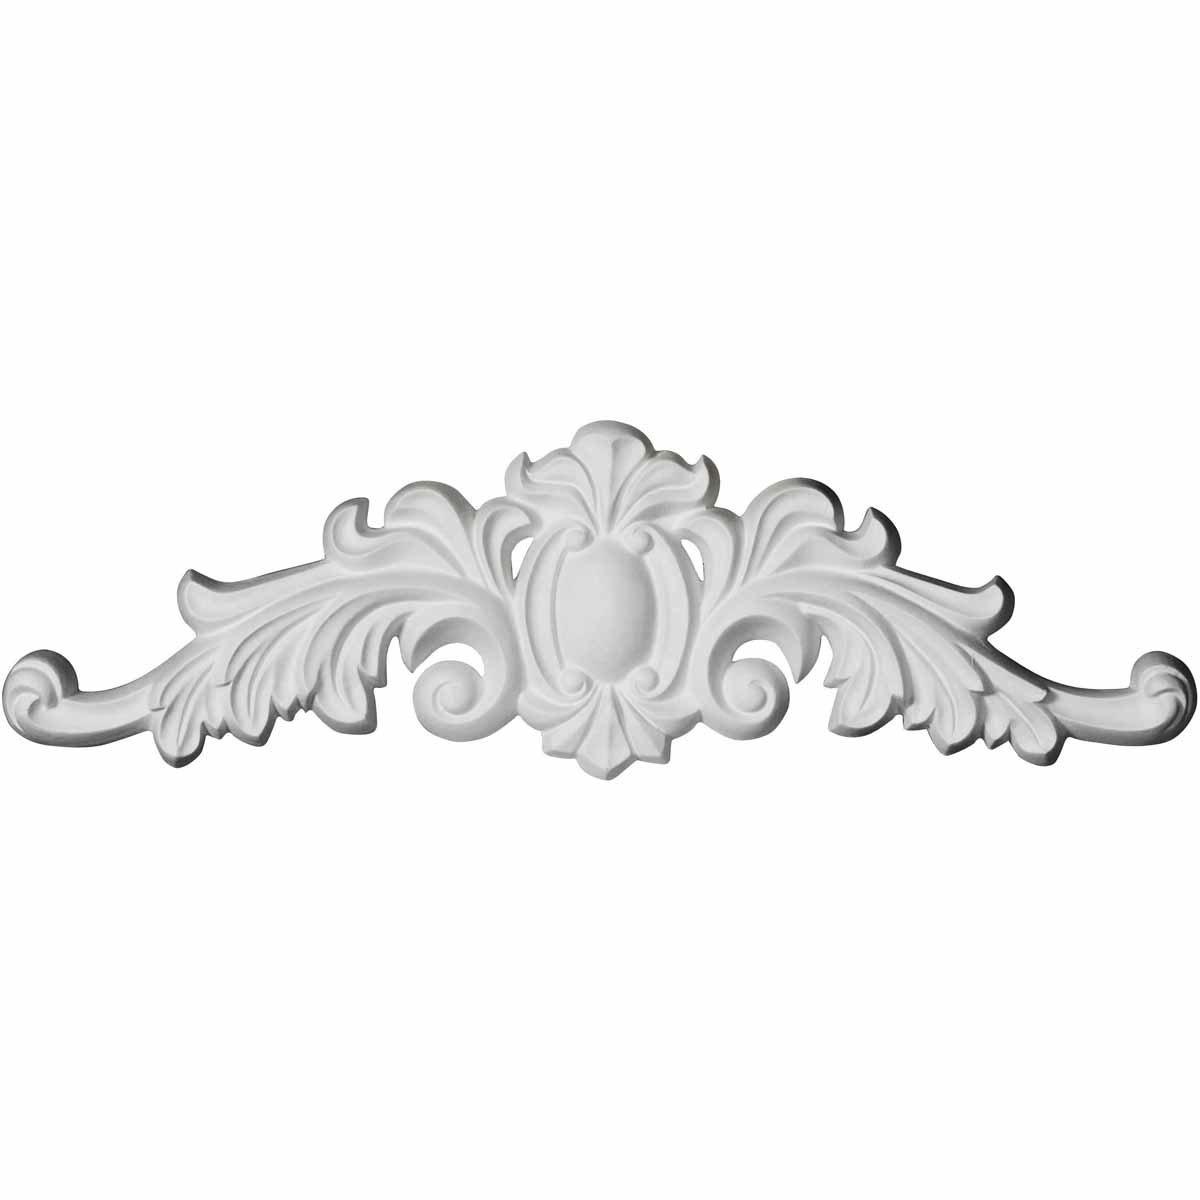 Ekena Millwork ONL16X04X01CO 16 1/8 inch W x 4 3/8 inch H x 3/4 inch P Cole Onlay, White